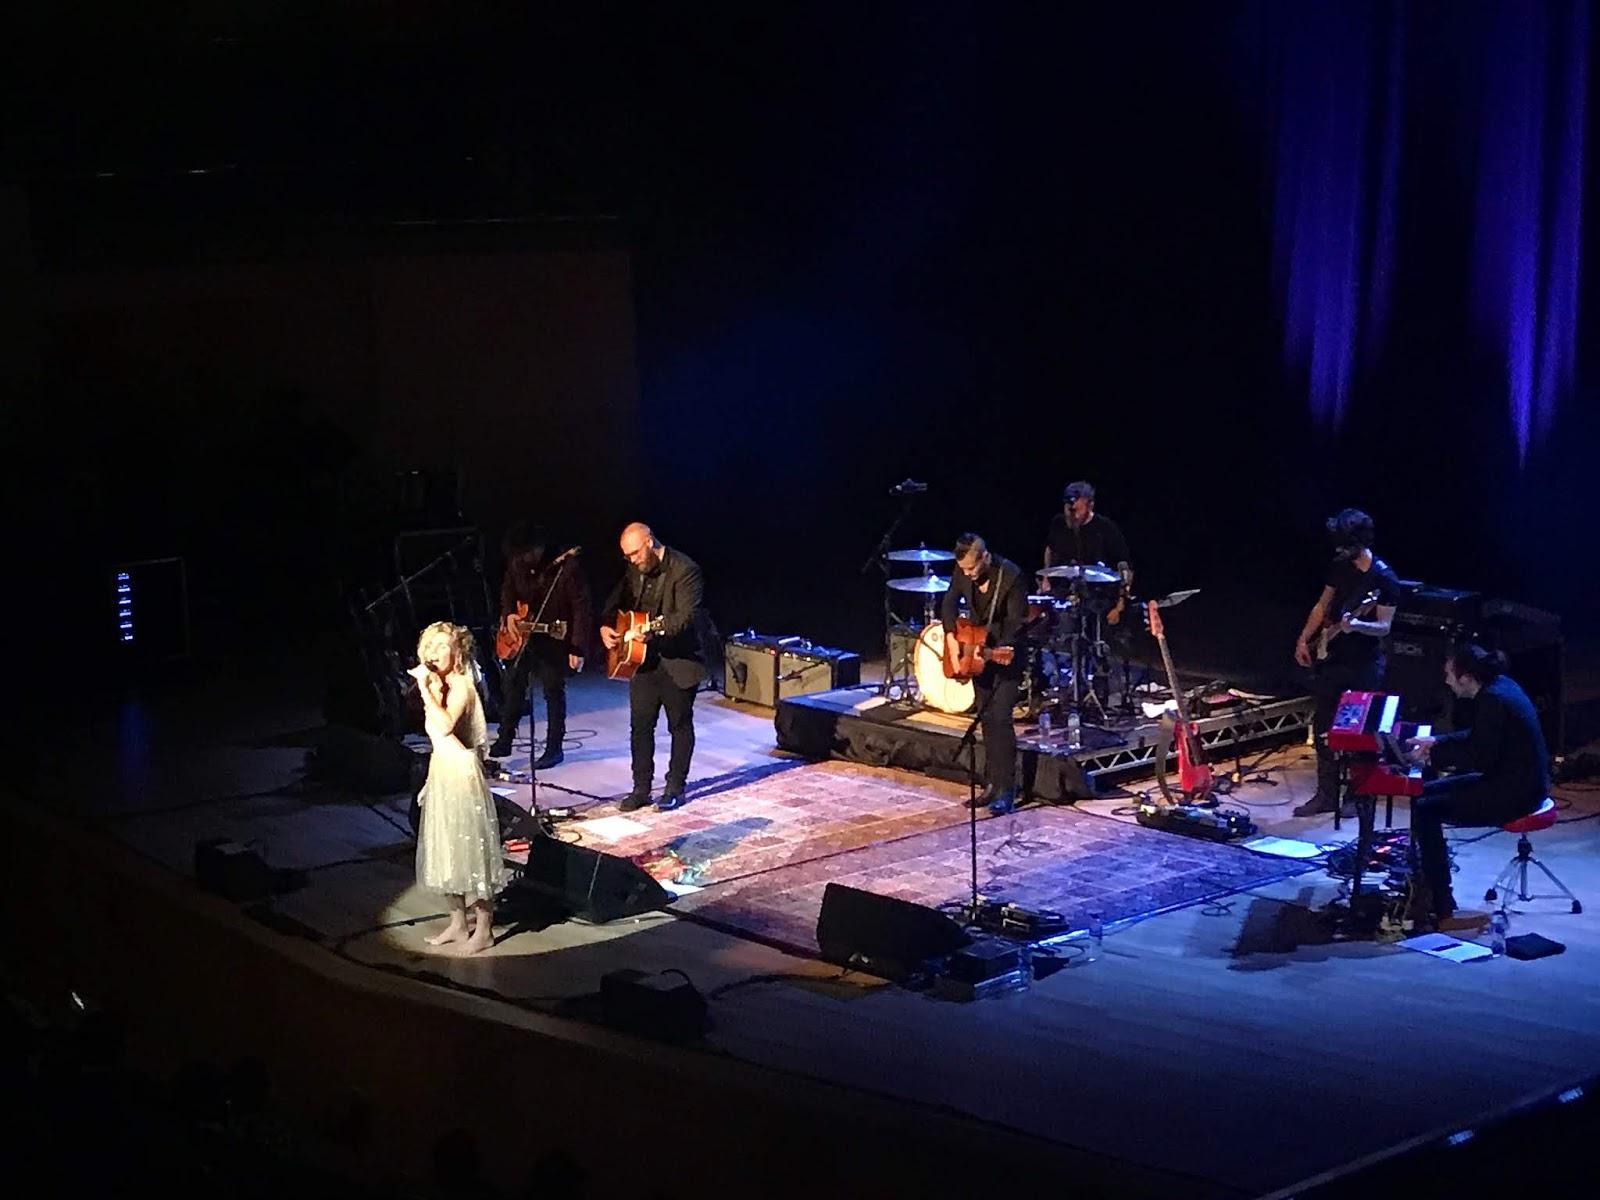 Clare Bowen, Concert, Live